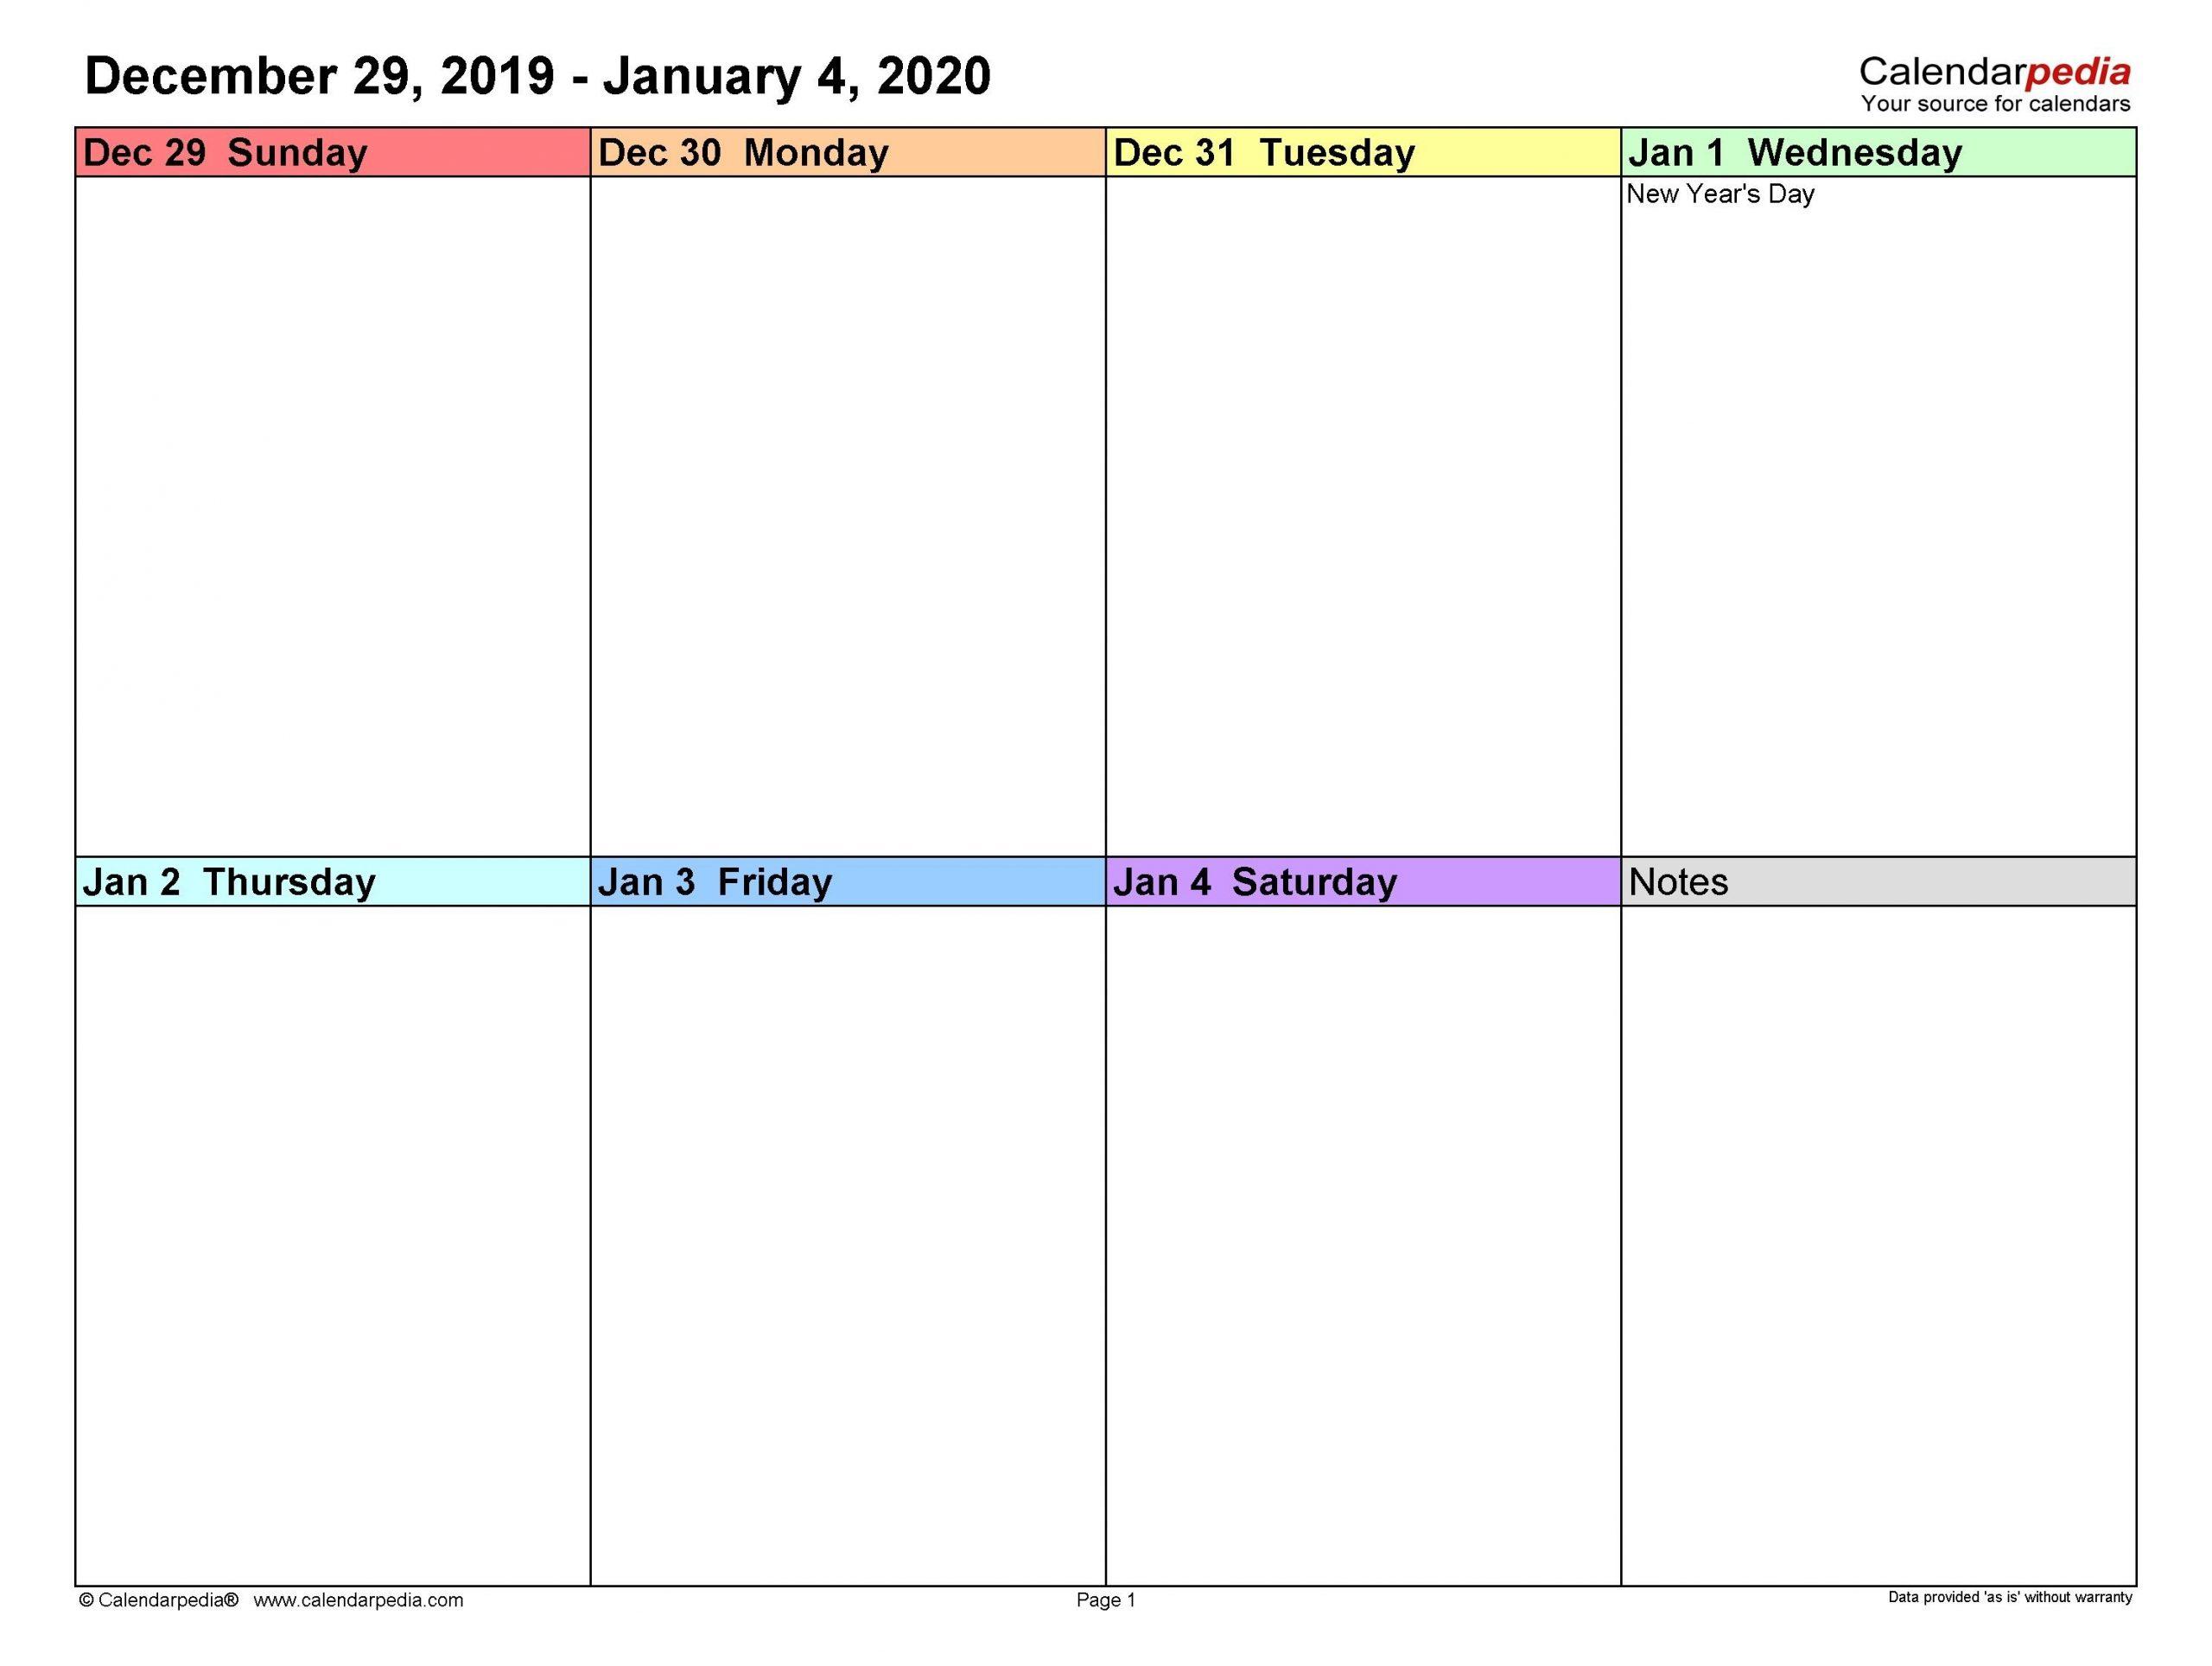 Print Calendarweek In 2020 | Free Calendar Template Every 2 Week Calendar